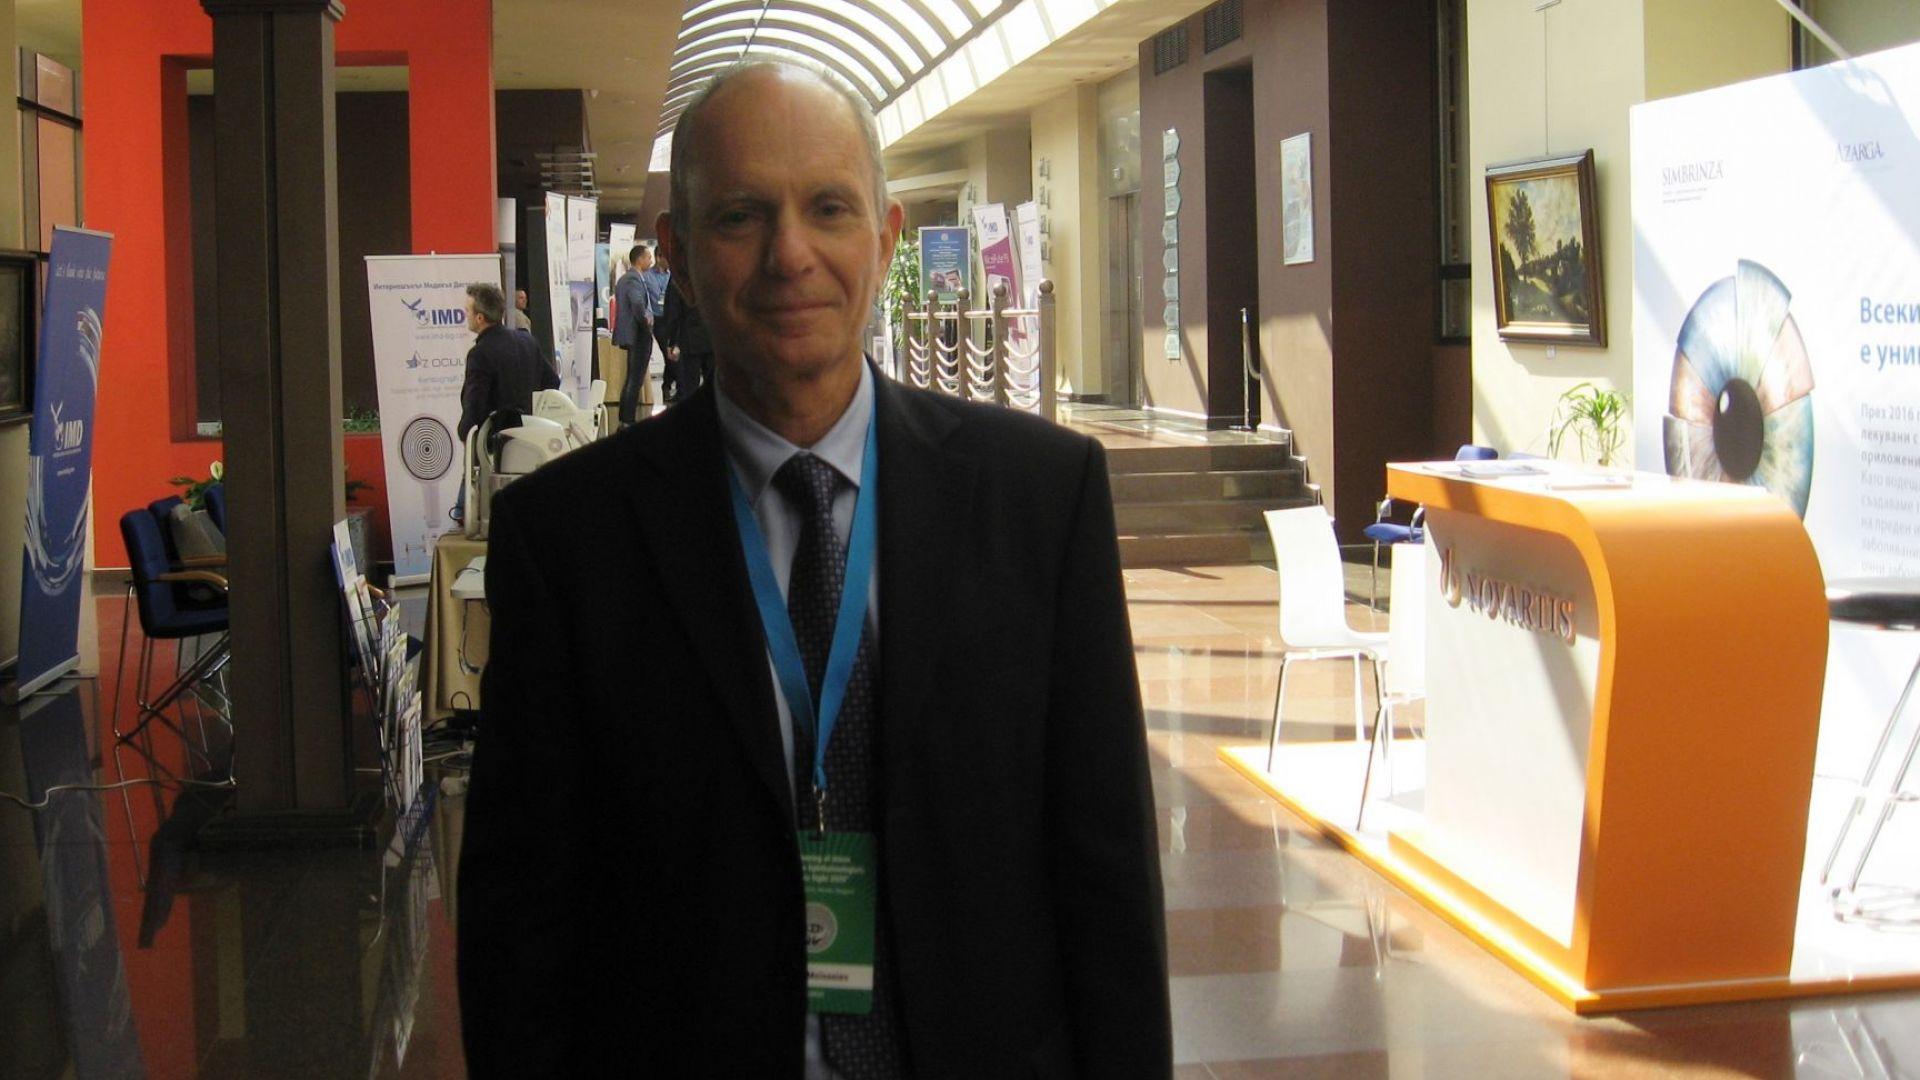 Всичко, което трябва да знаем за очите: Световноизвестният проф. Йозеф Мойсеев пред Dir.bg